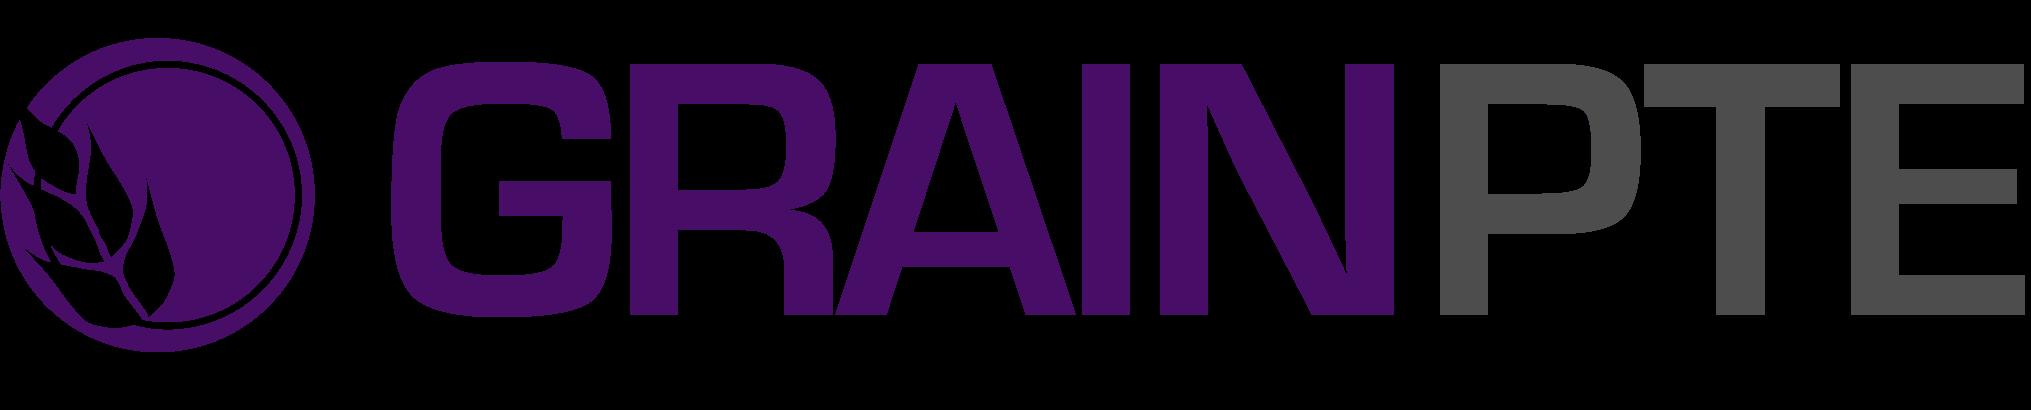 grainpte-logo.png